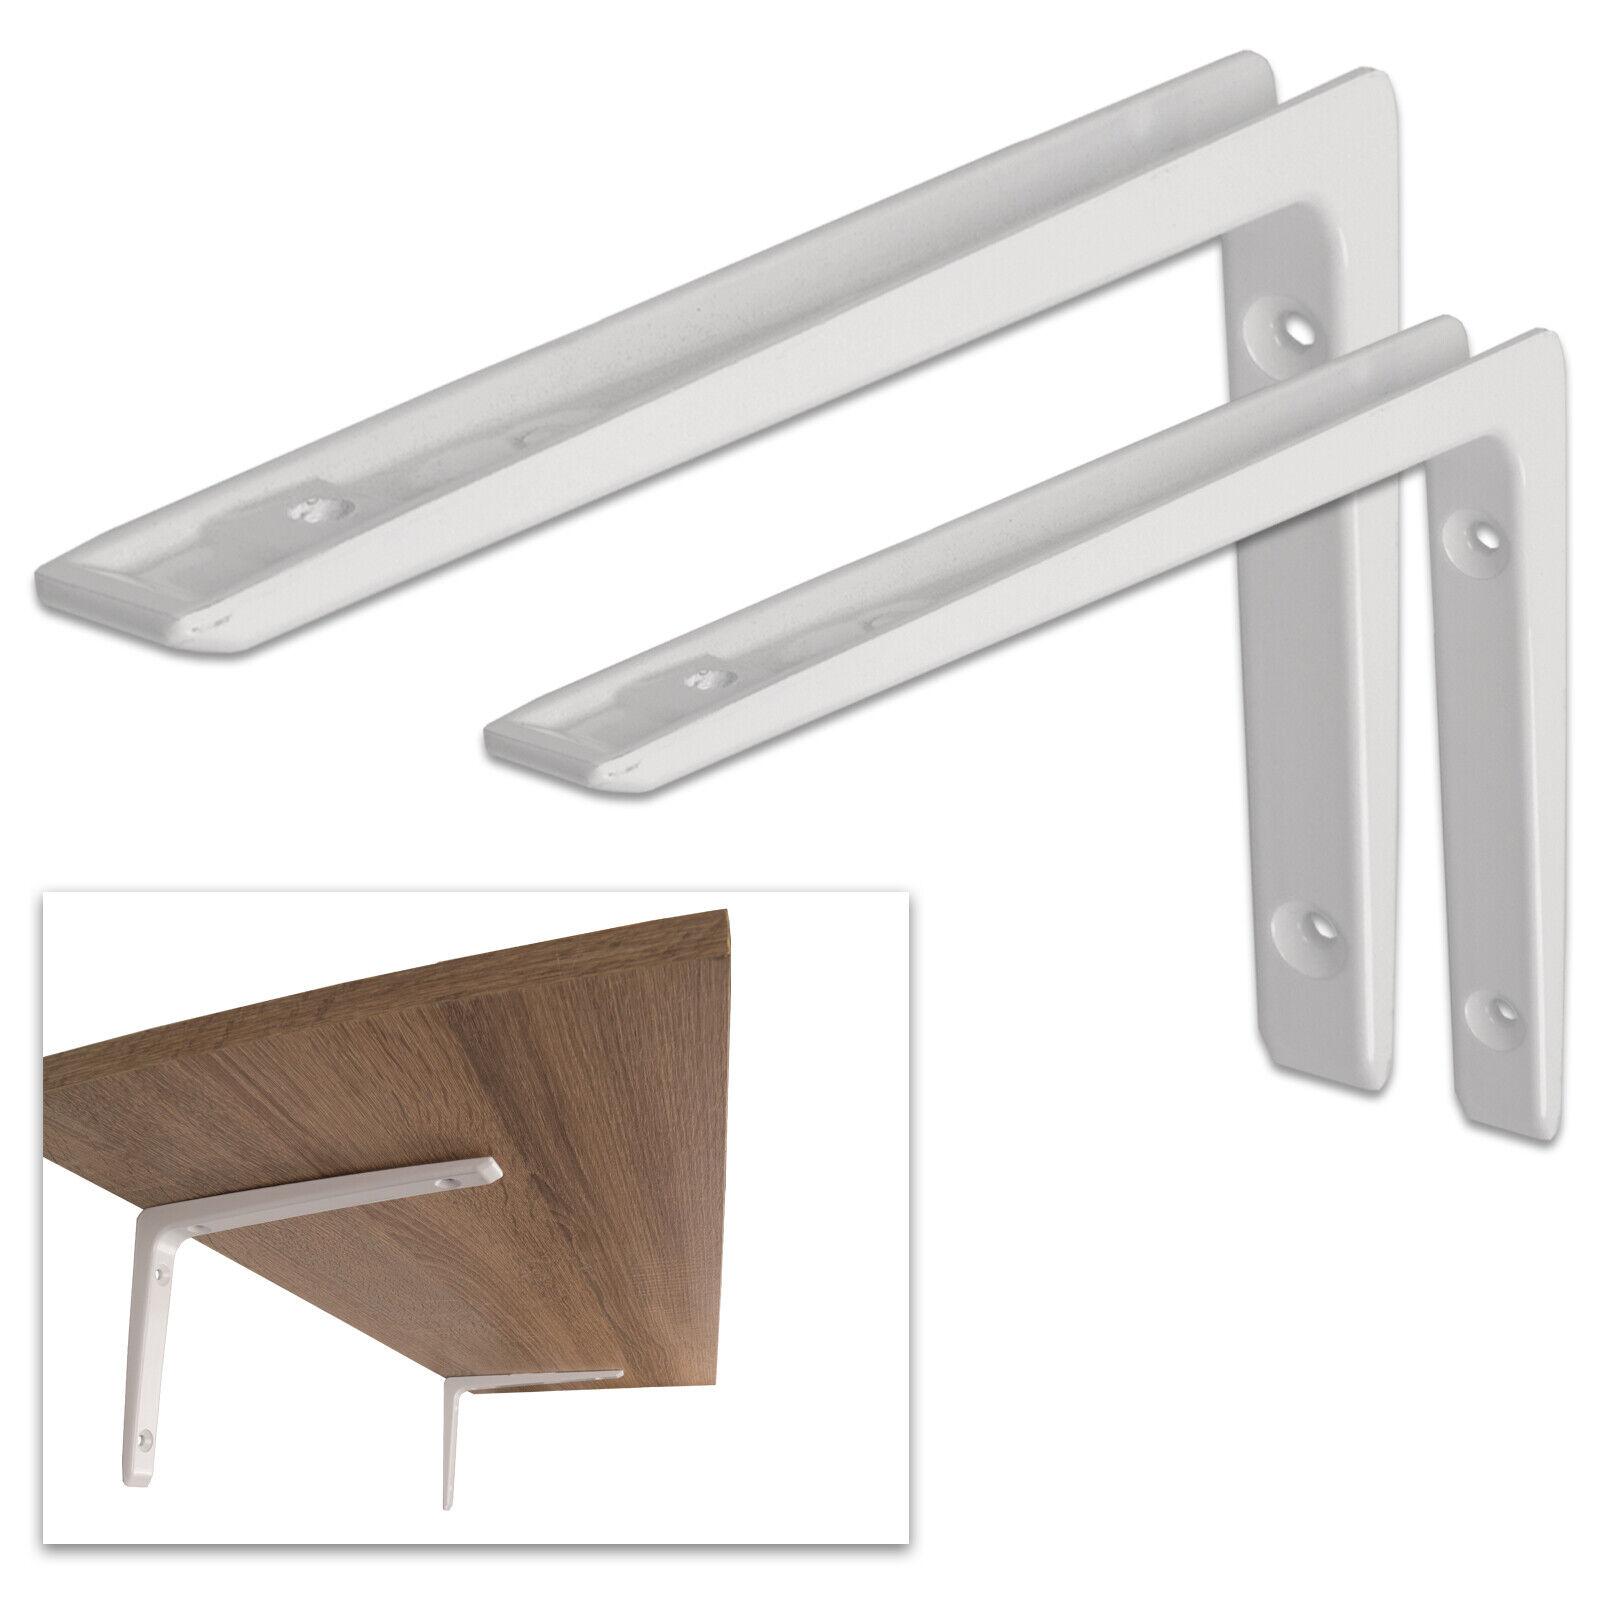 Regalträger Aluminiumkonsole Regalbodenträger Regalwinkel Regalhalter Weiß